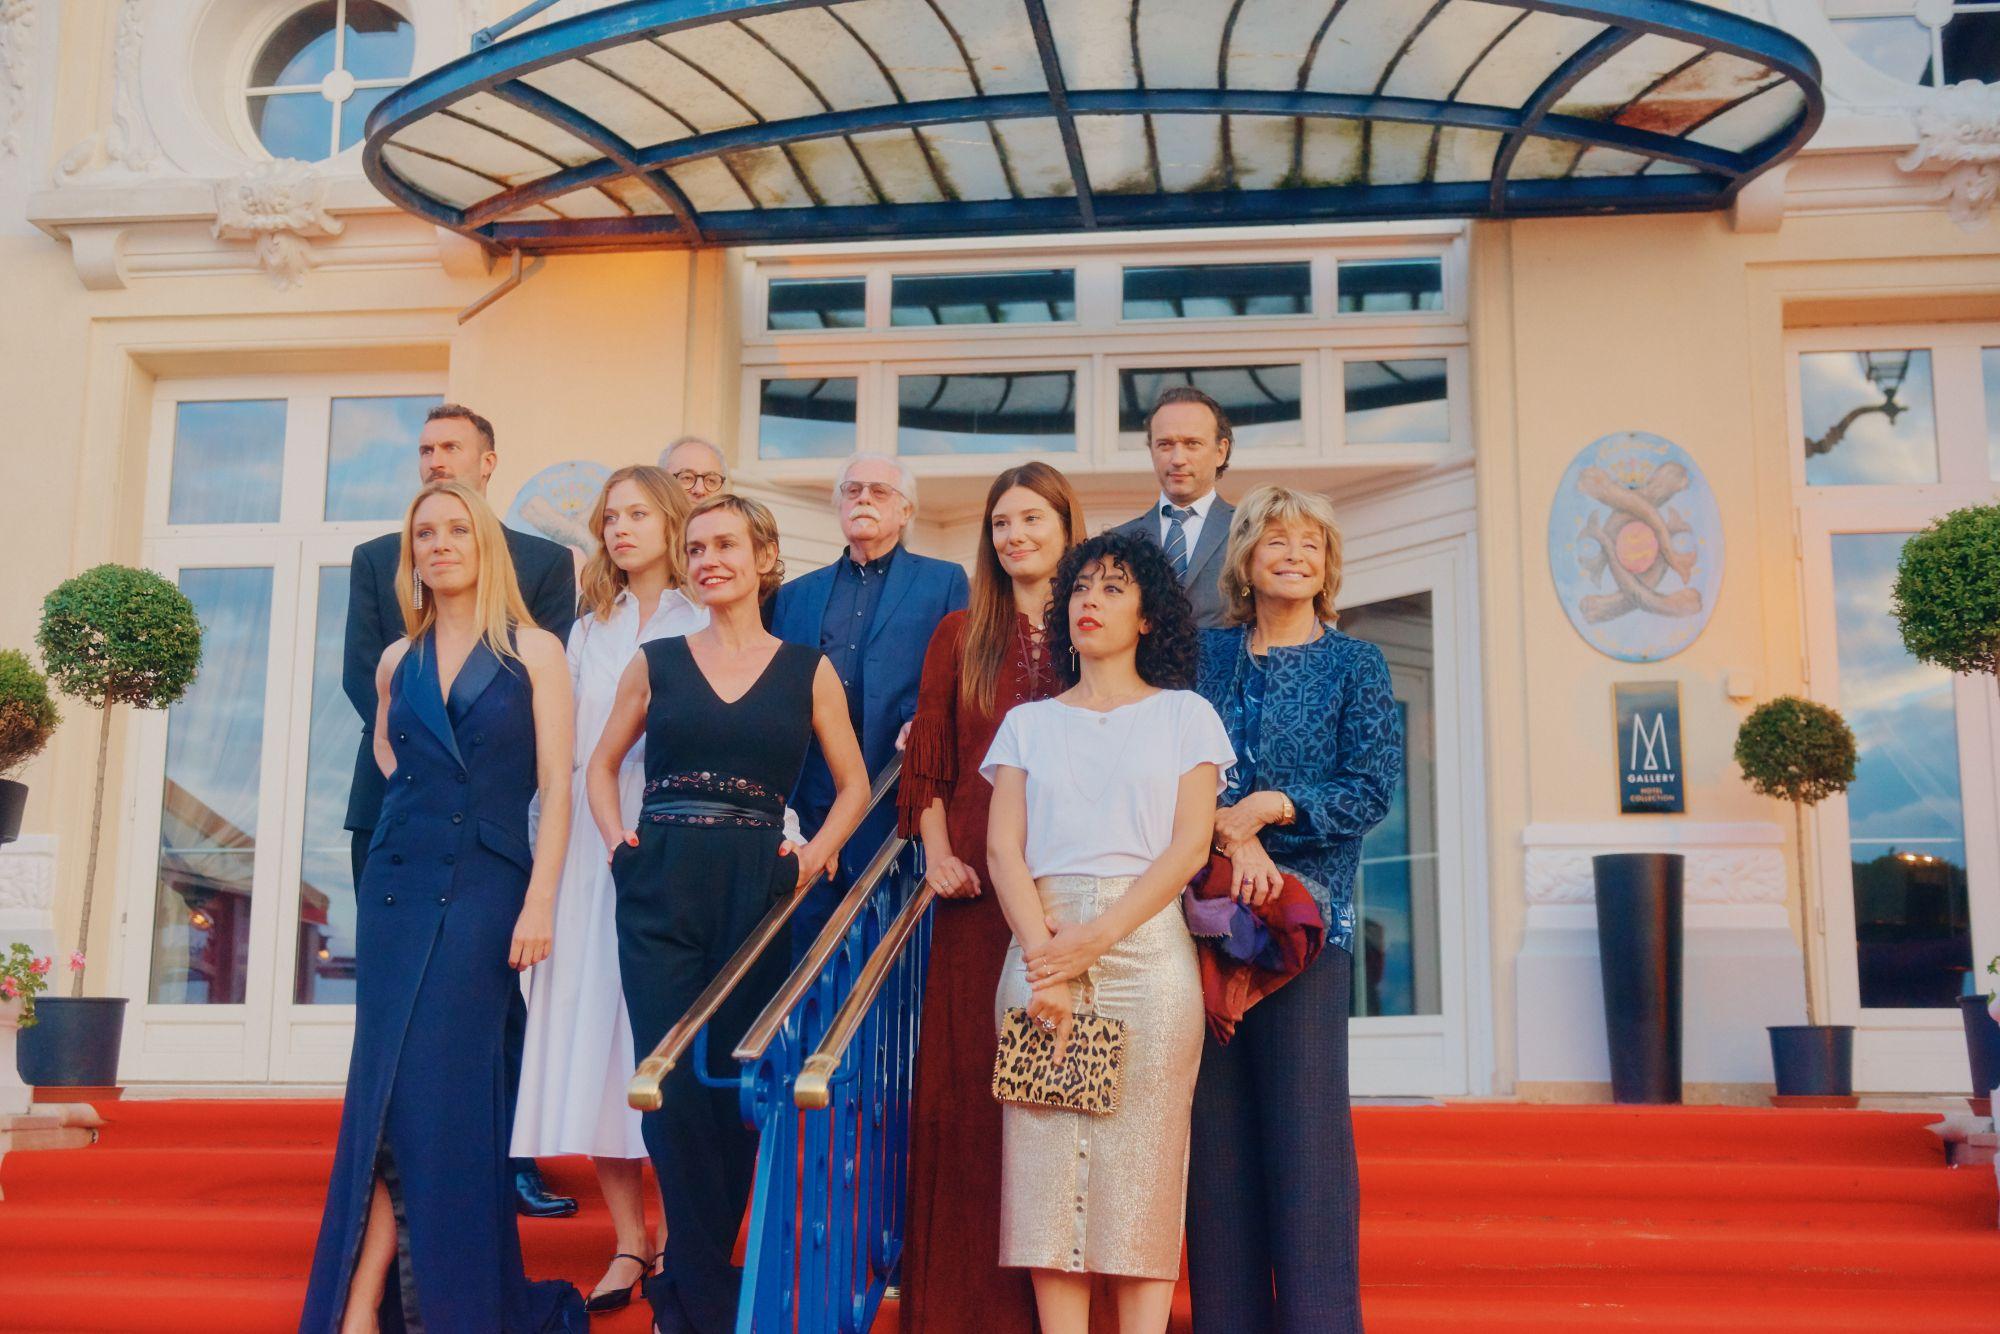 Le Grand Jury sur les marches du Grand Hôtel Maquillage : Dr. Hauschka Coiffure : Franck Provost